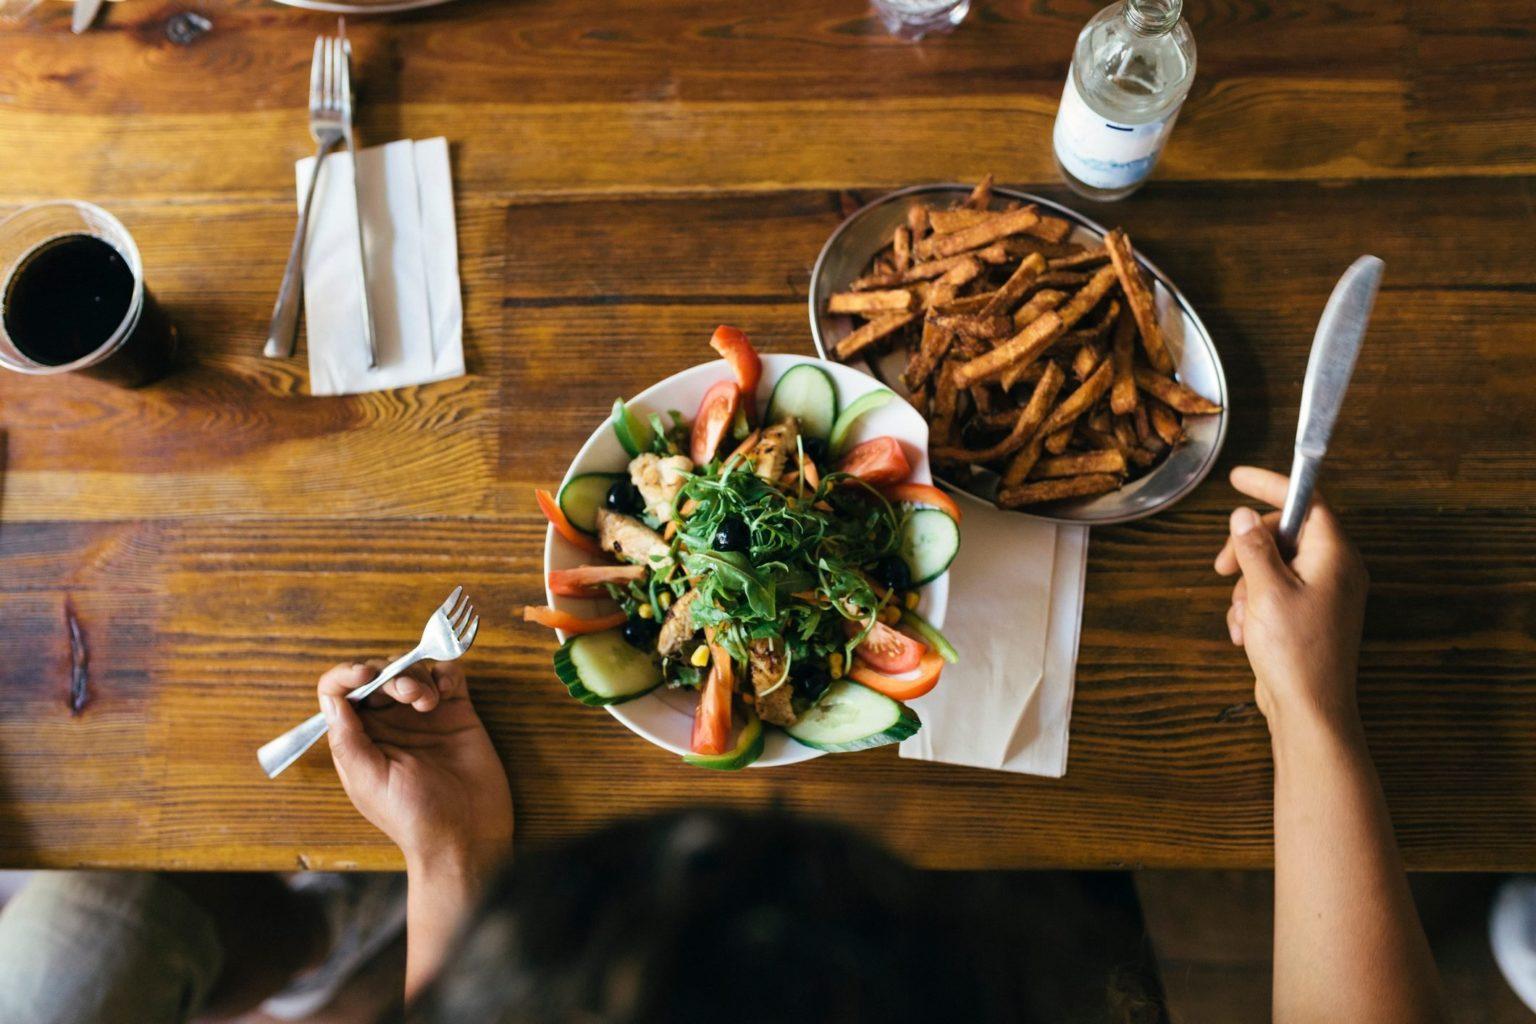 الاتجاه العكسي للنظام الغذائي